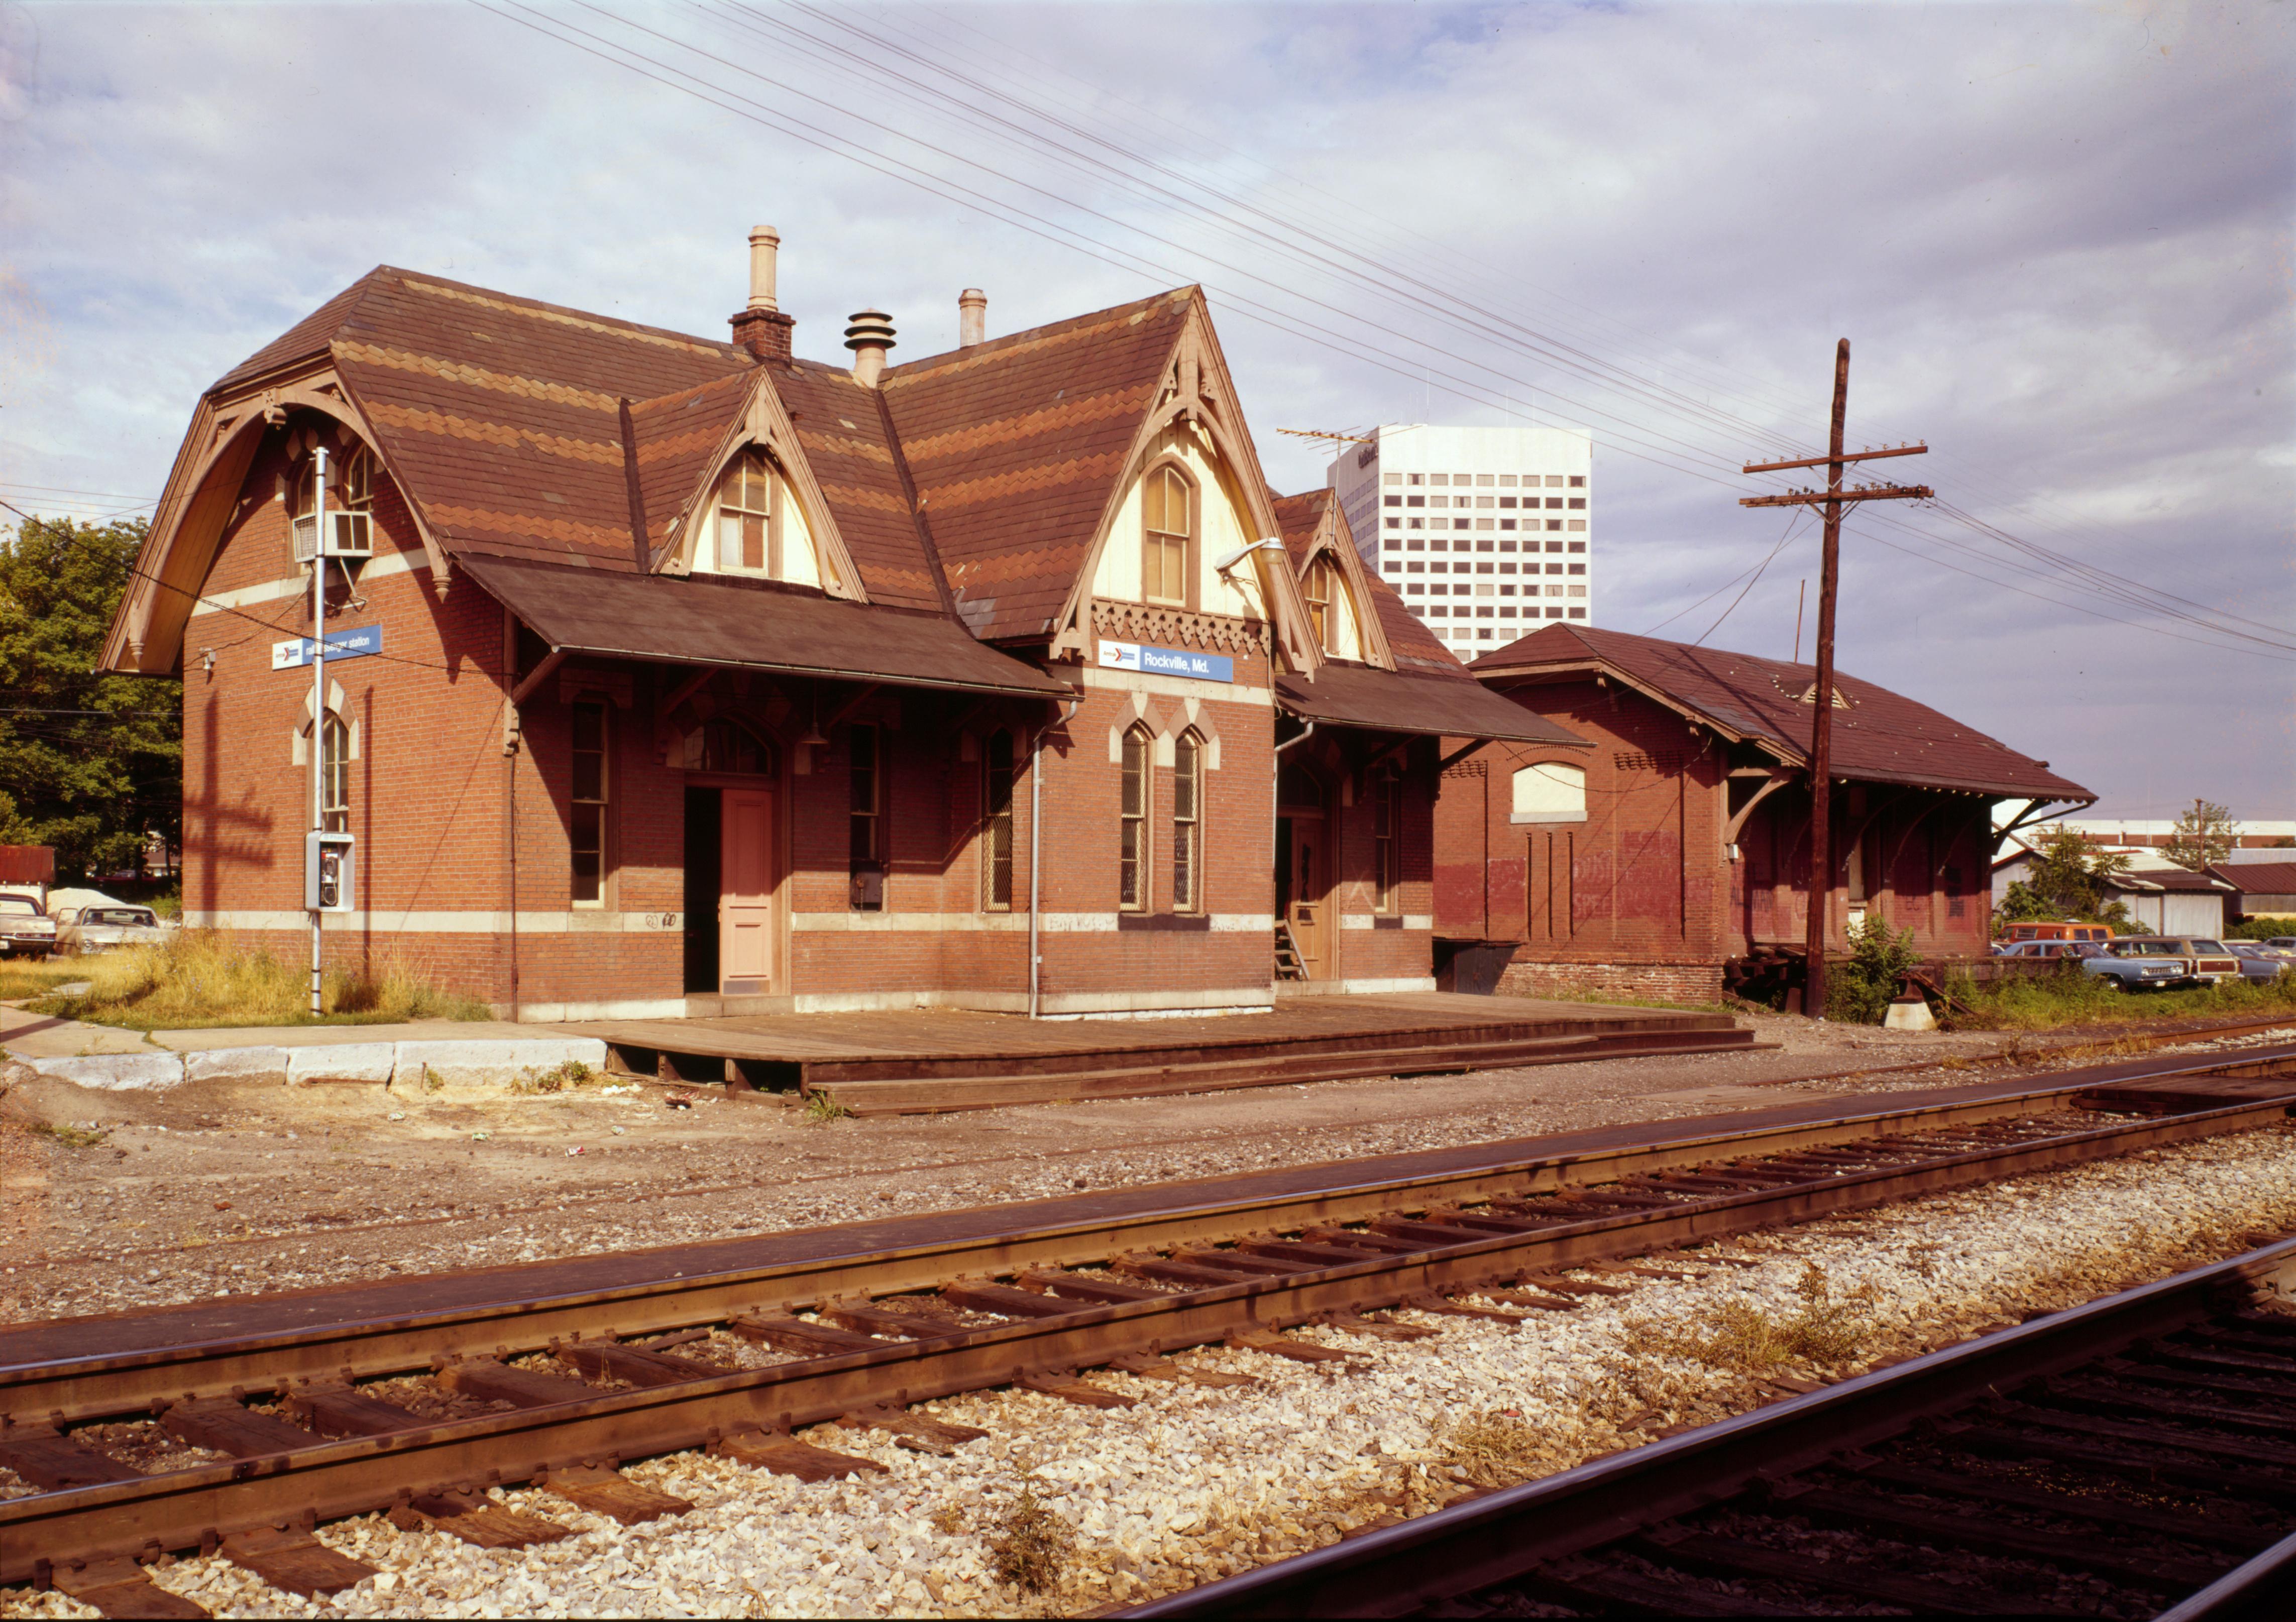 Baltimore Train Station Car Rental